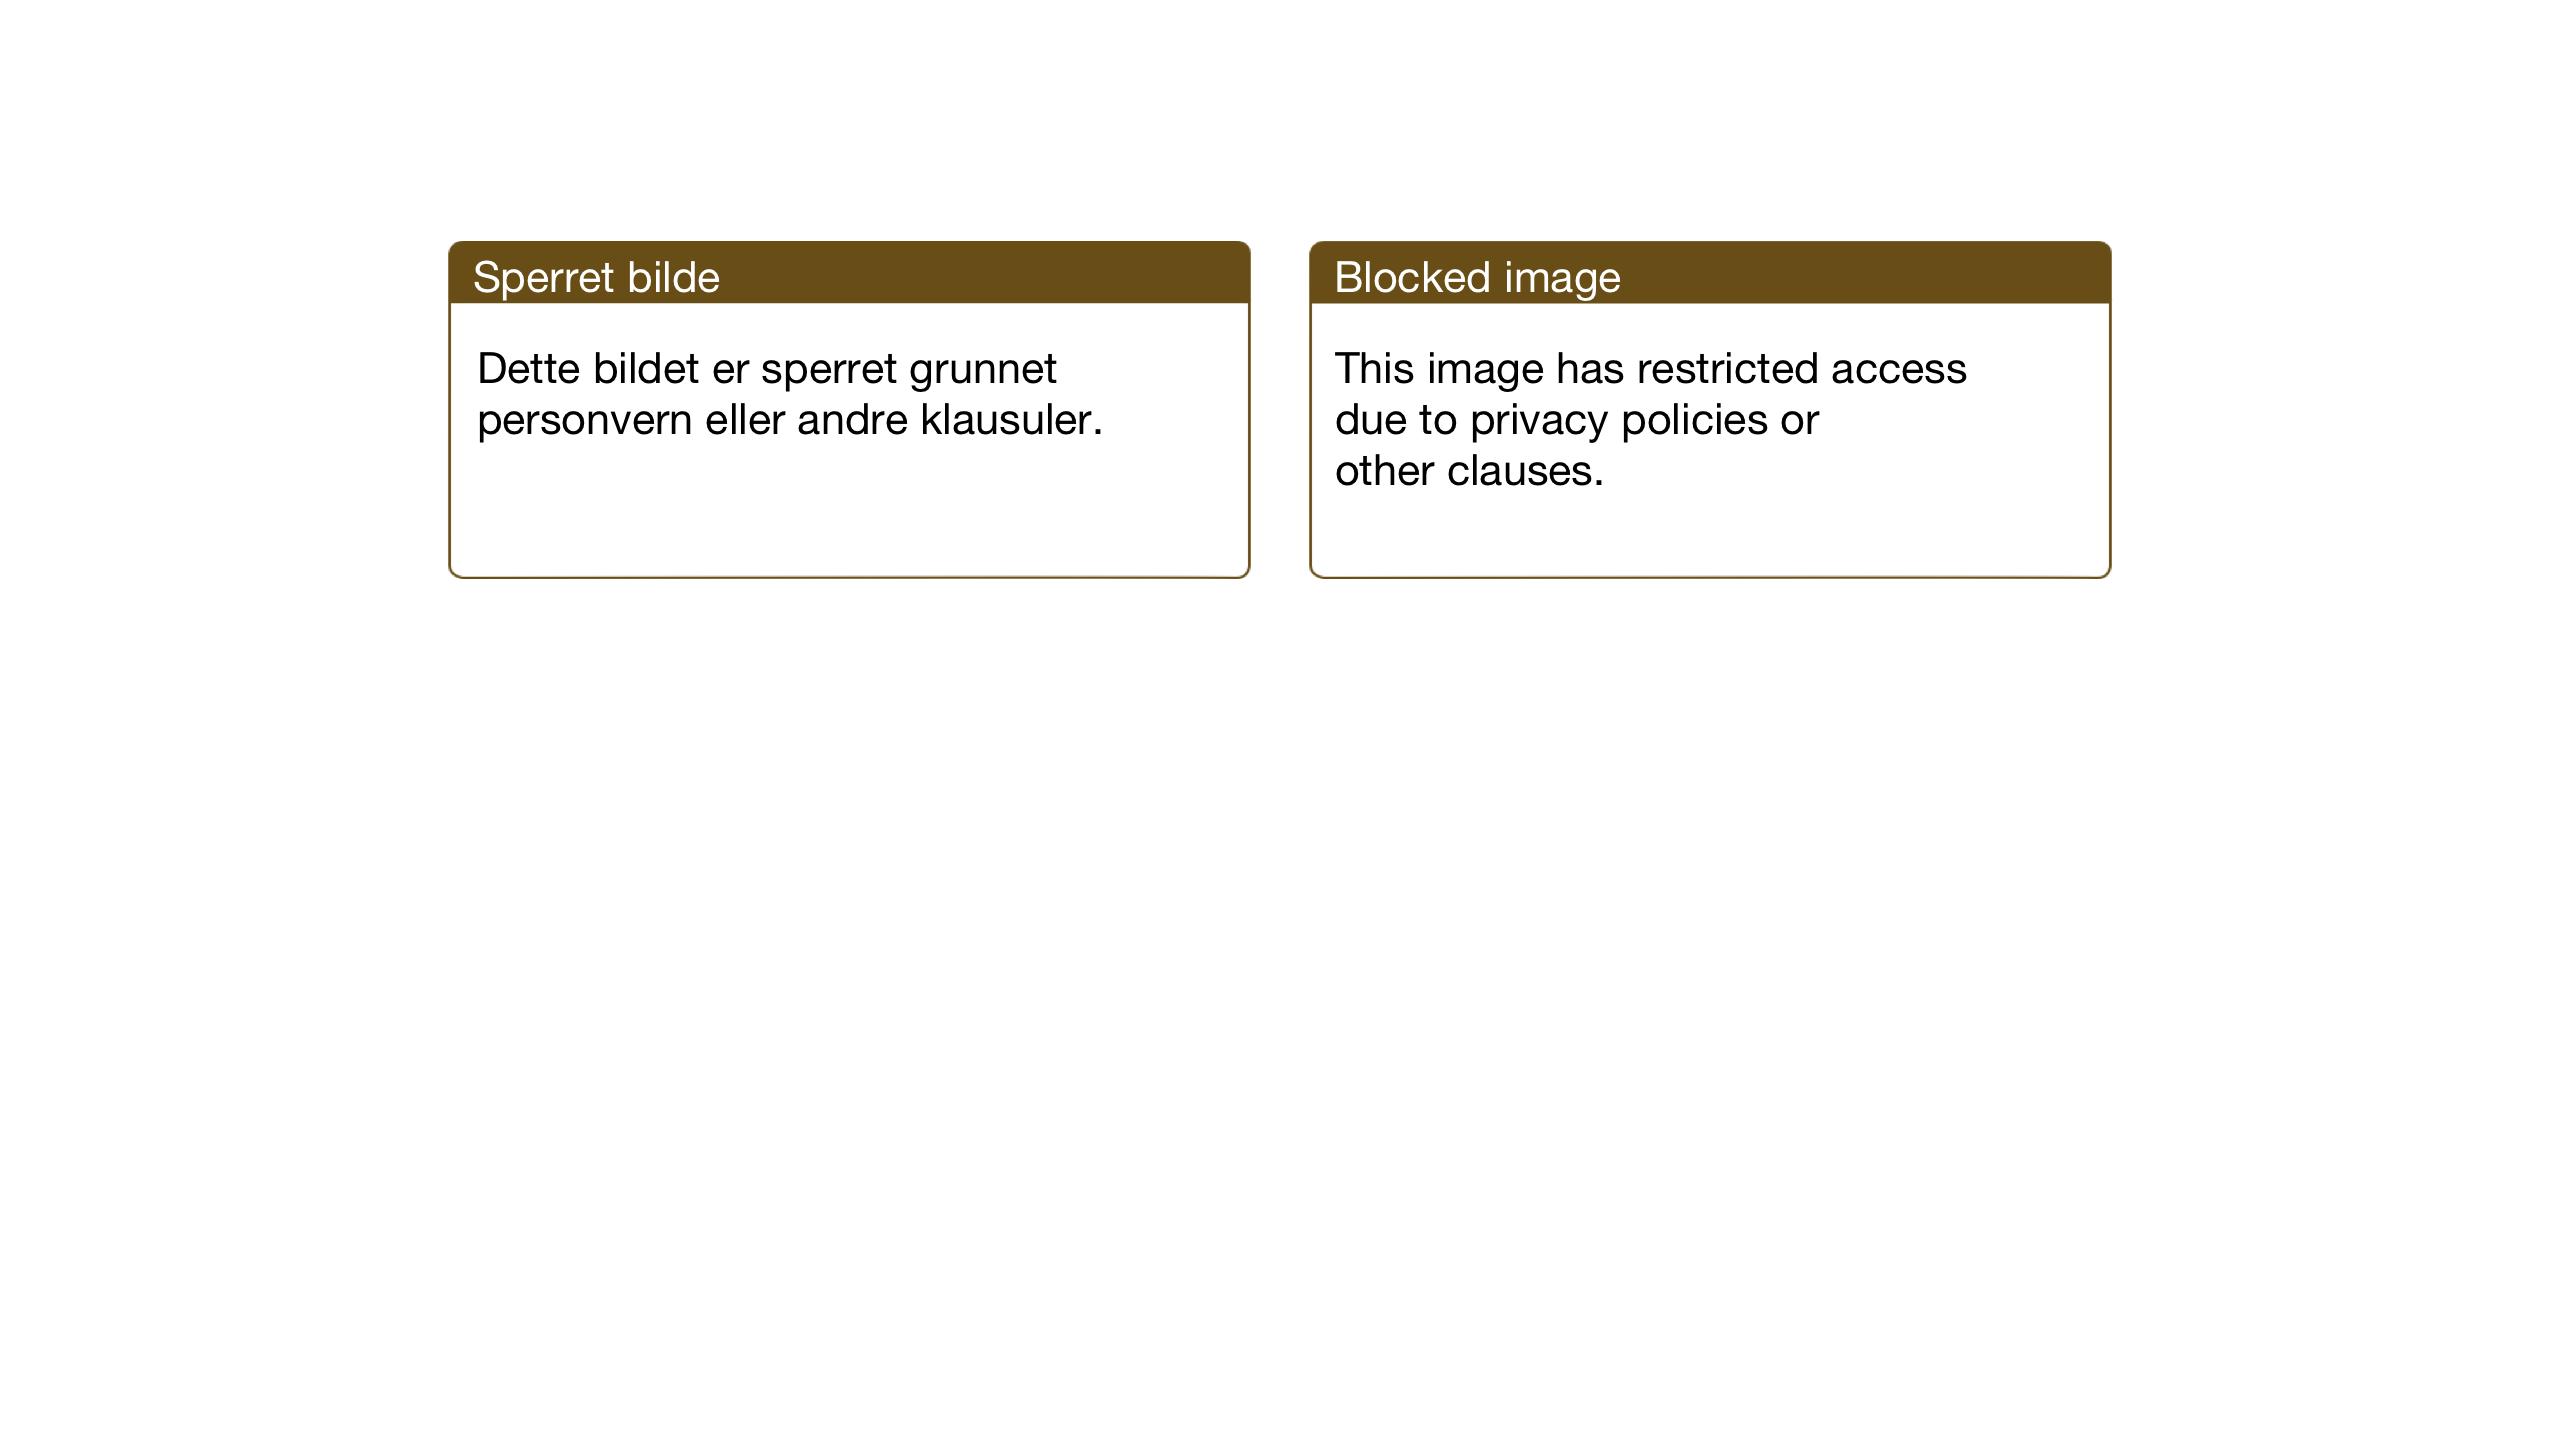 SAT, Ministerialprotokoller, klokkerbøker og fødselsregistre - Nord-Trøndelag, 755/L0500: Klokkerbok nr. 755C01, 1920-1962, s. 112